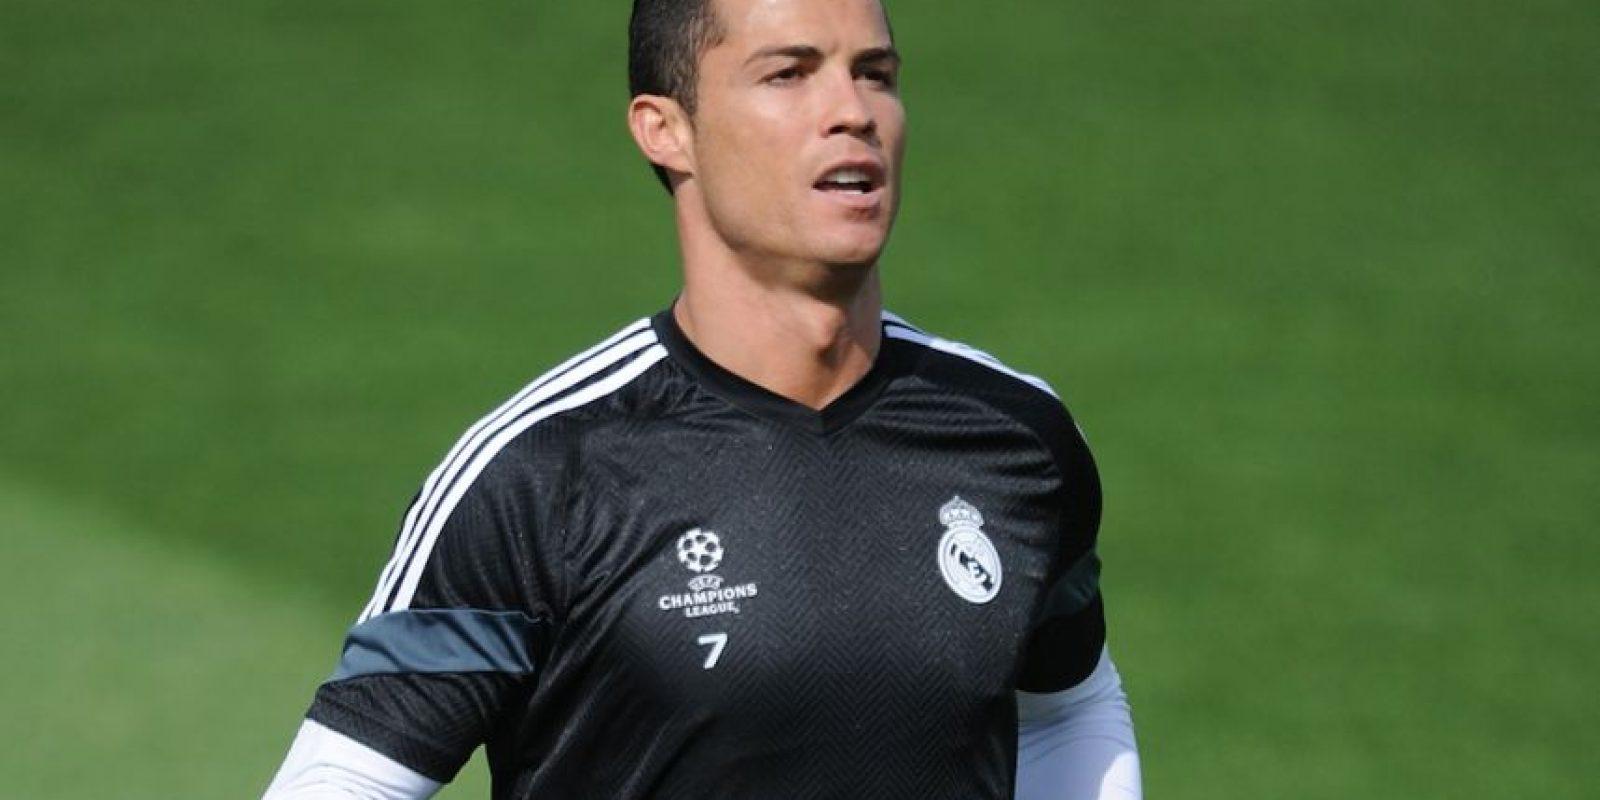 Cristiano Ronaldo juega como extremo en el Real Madrid y tiene 30 años. Foto:Getty Images